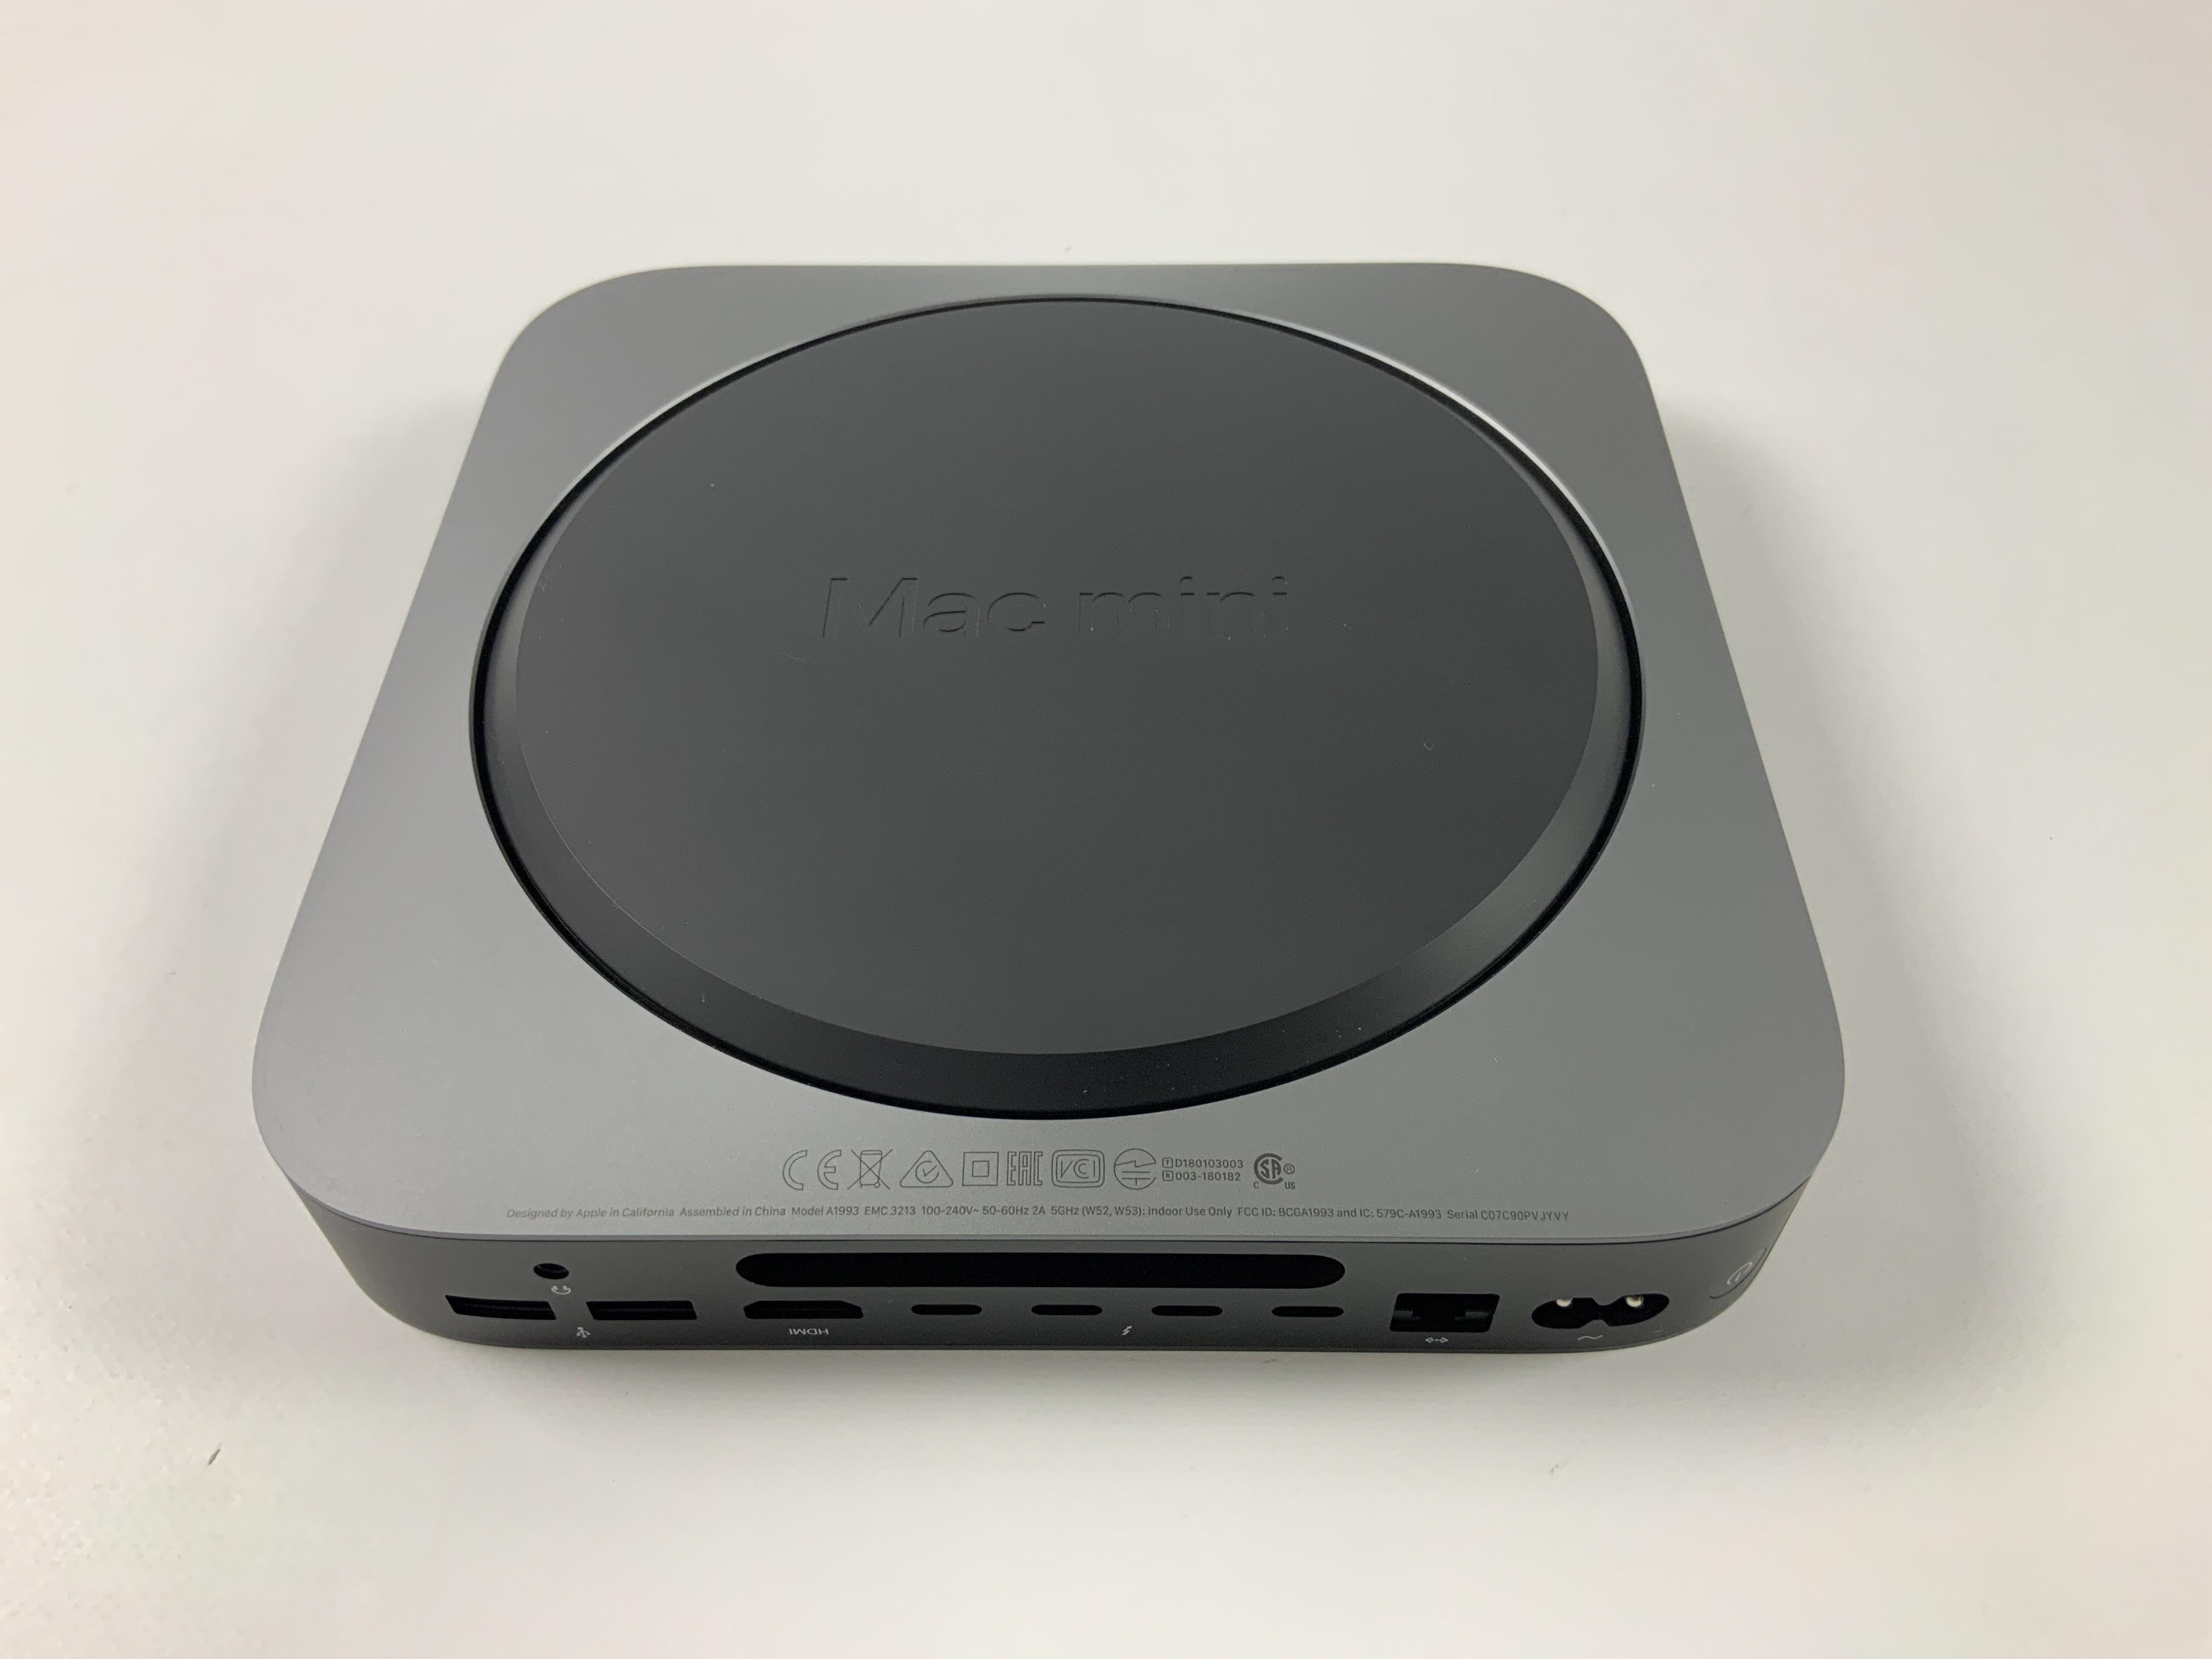 Mac Mini Late 2018 (Intel 6-Core i7 3.2 GHz 32 GB RAM 256 GB SSD), Intel 6-Core i7 3.2 GHz, 32 GB RAM, 256 GB SSD, Bild 2